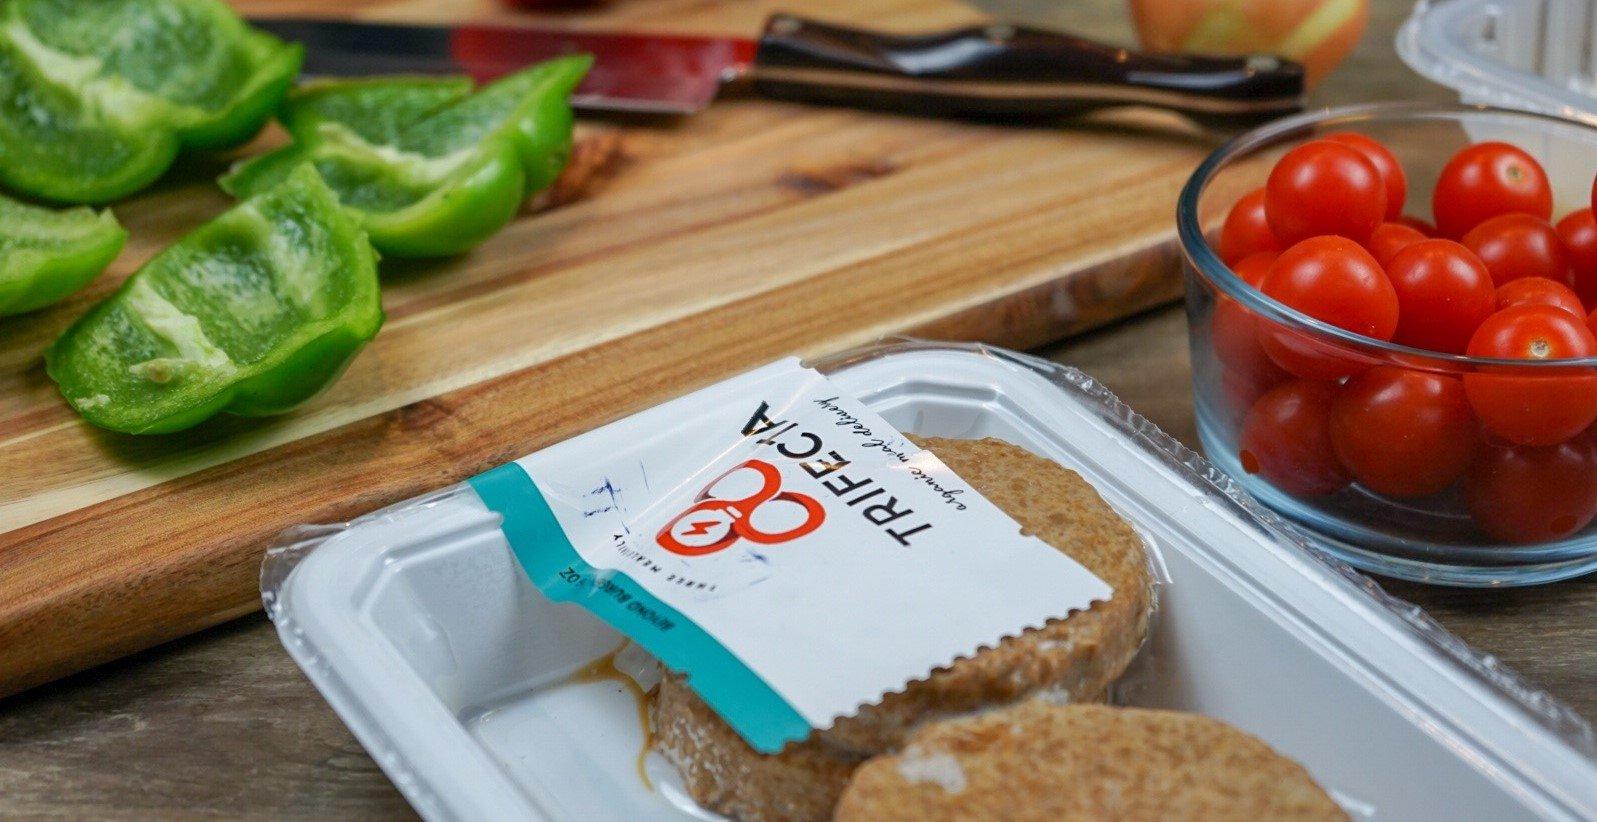 vegan-burrito-bowl-meal-prep-recipes-beyond-meat-burger (4)